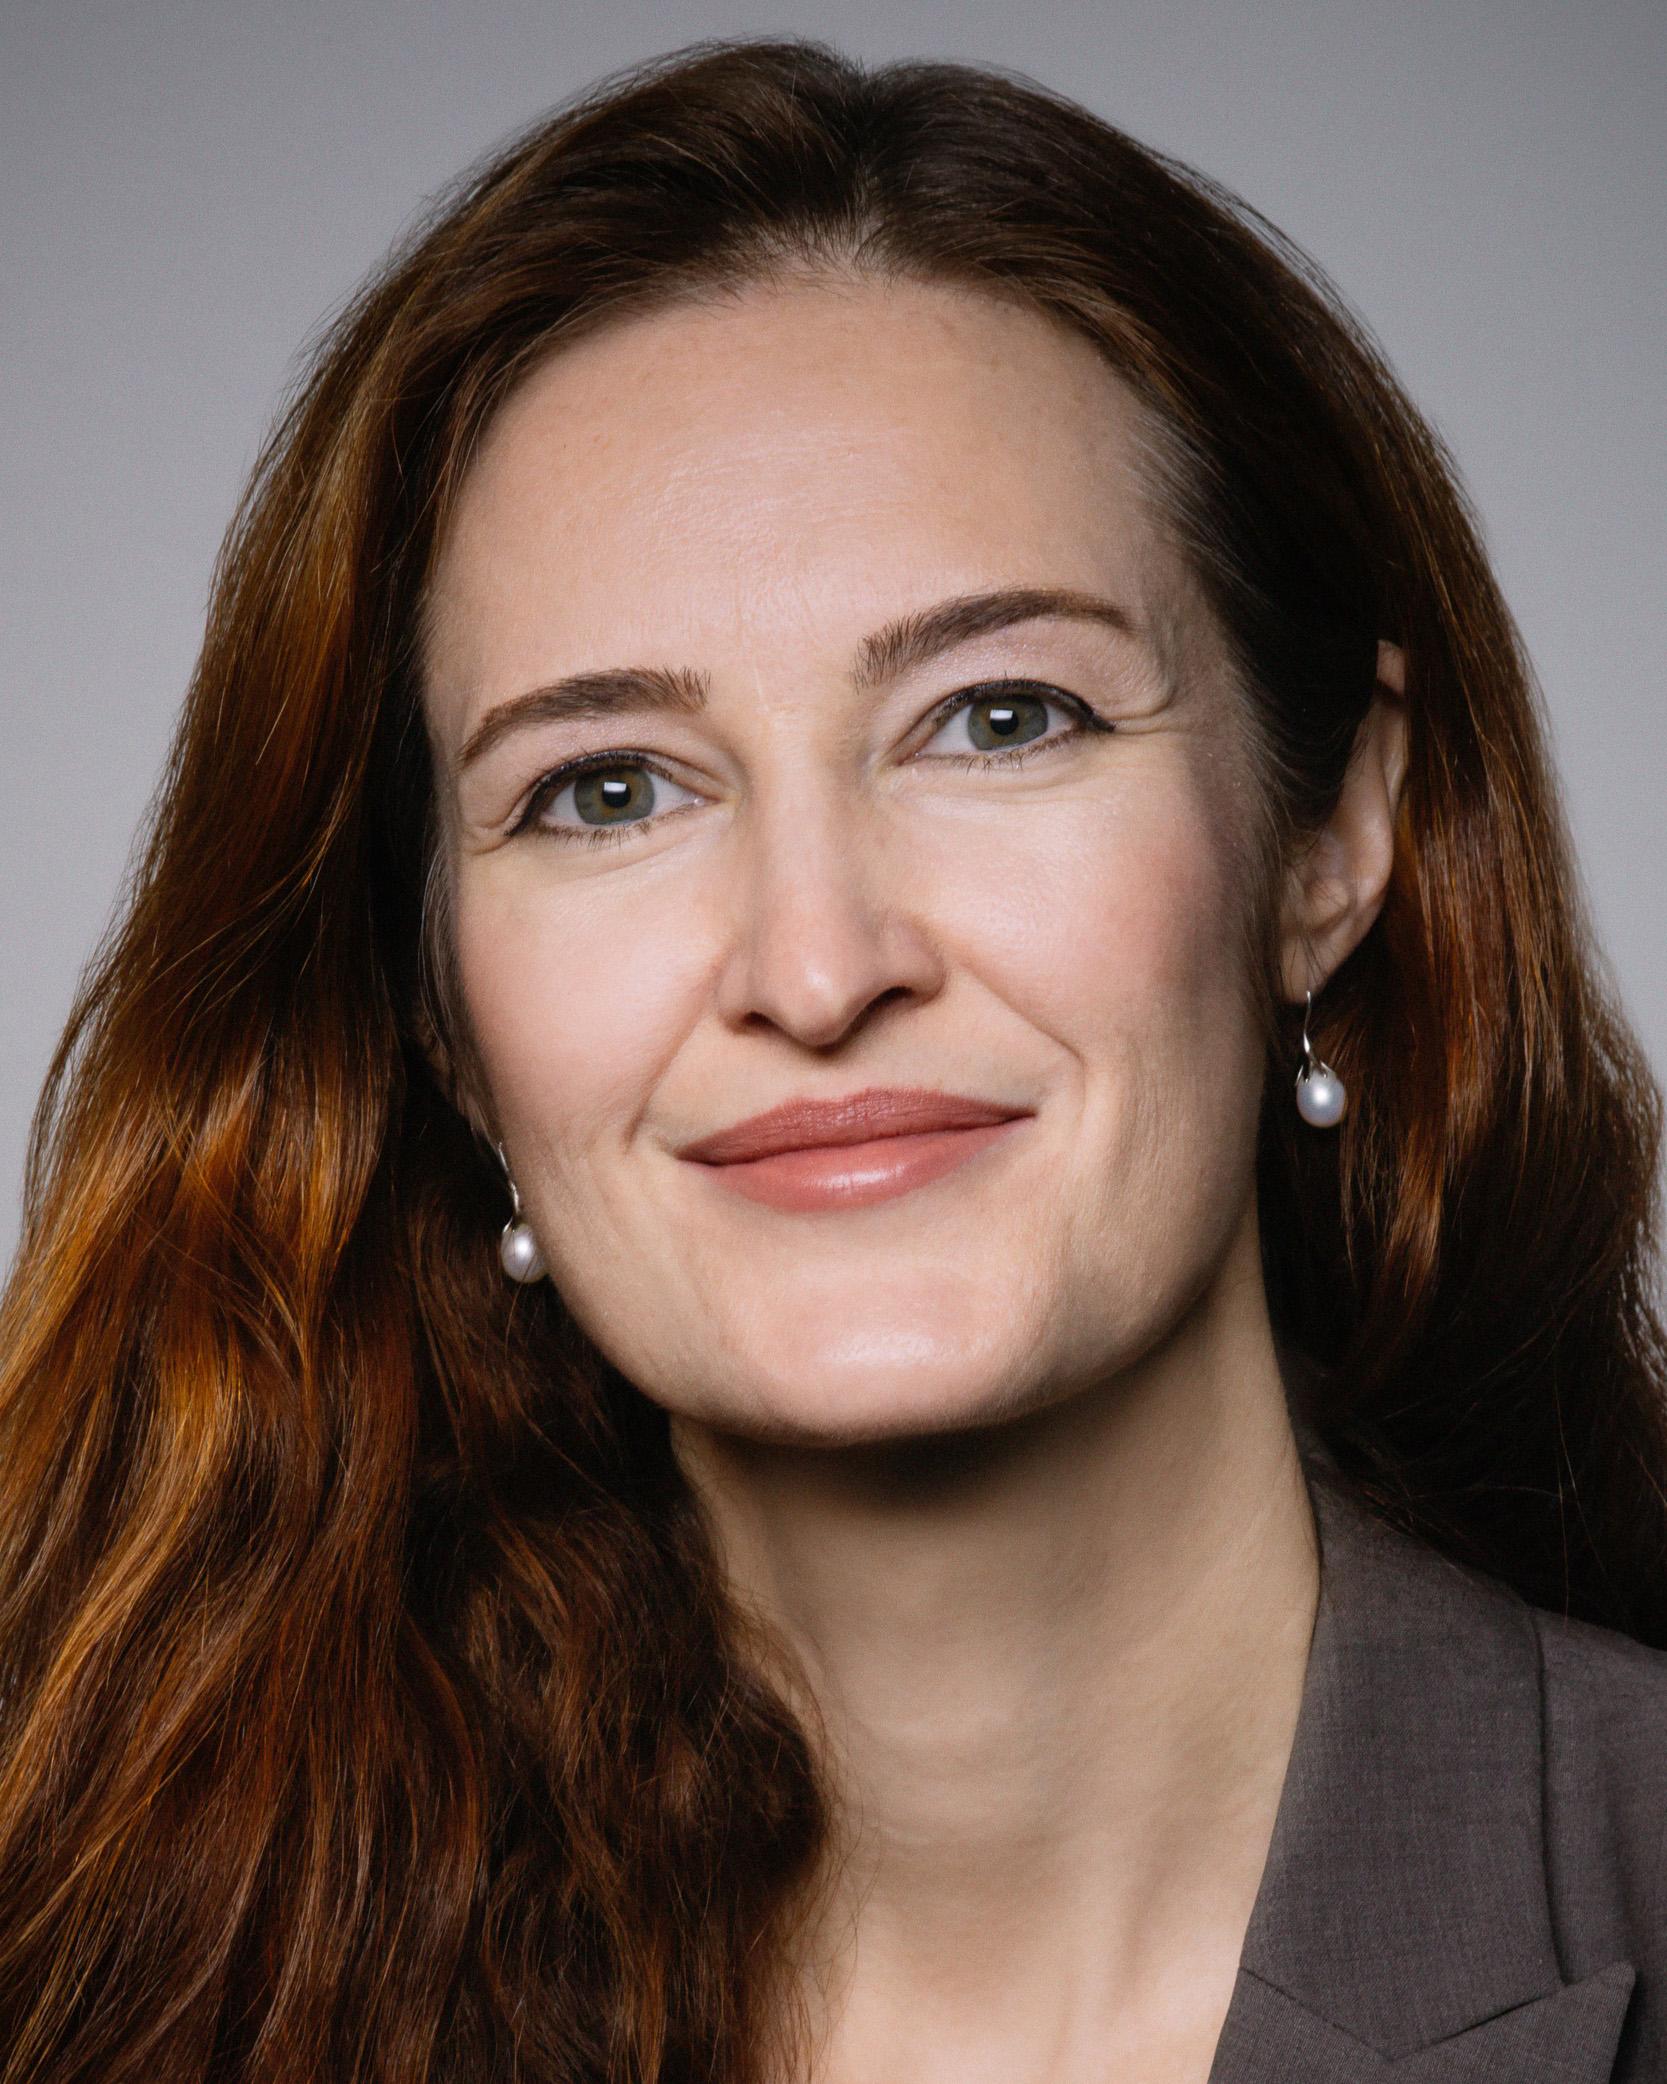 Photo of Moira Heiges-Goepfert